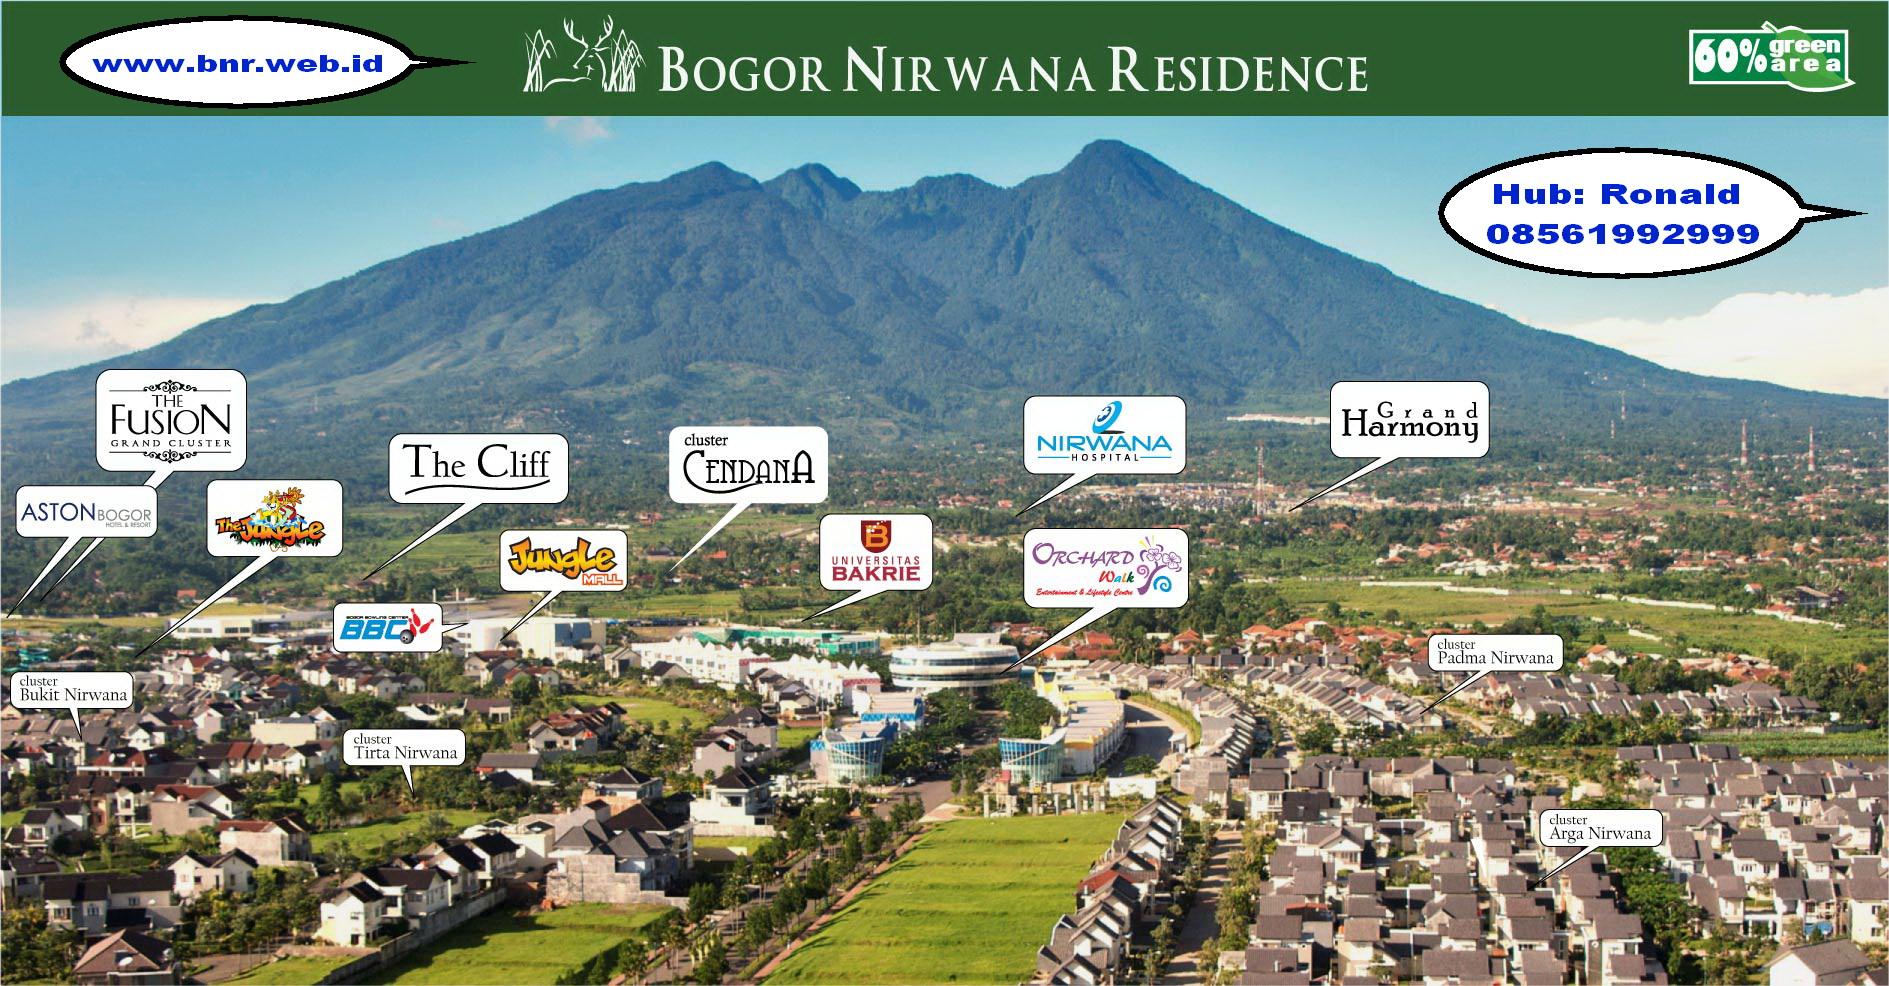 Rumah Dijual Bogor Nirwana Residence Air Kab